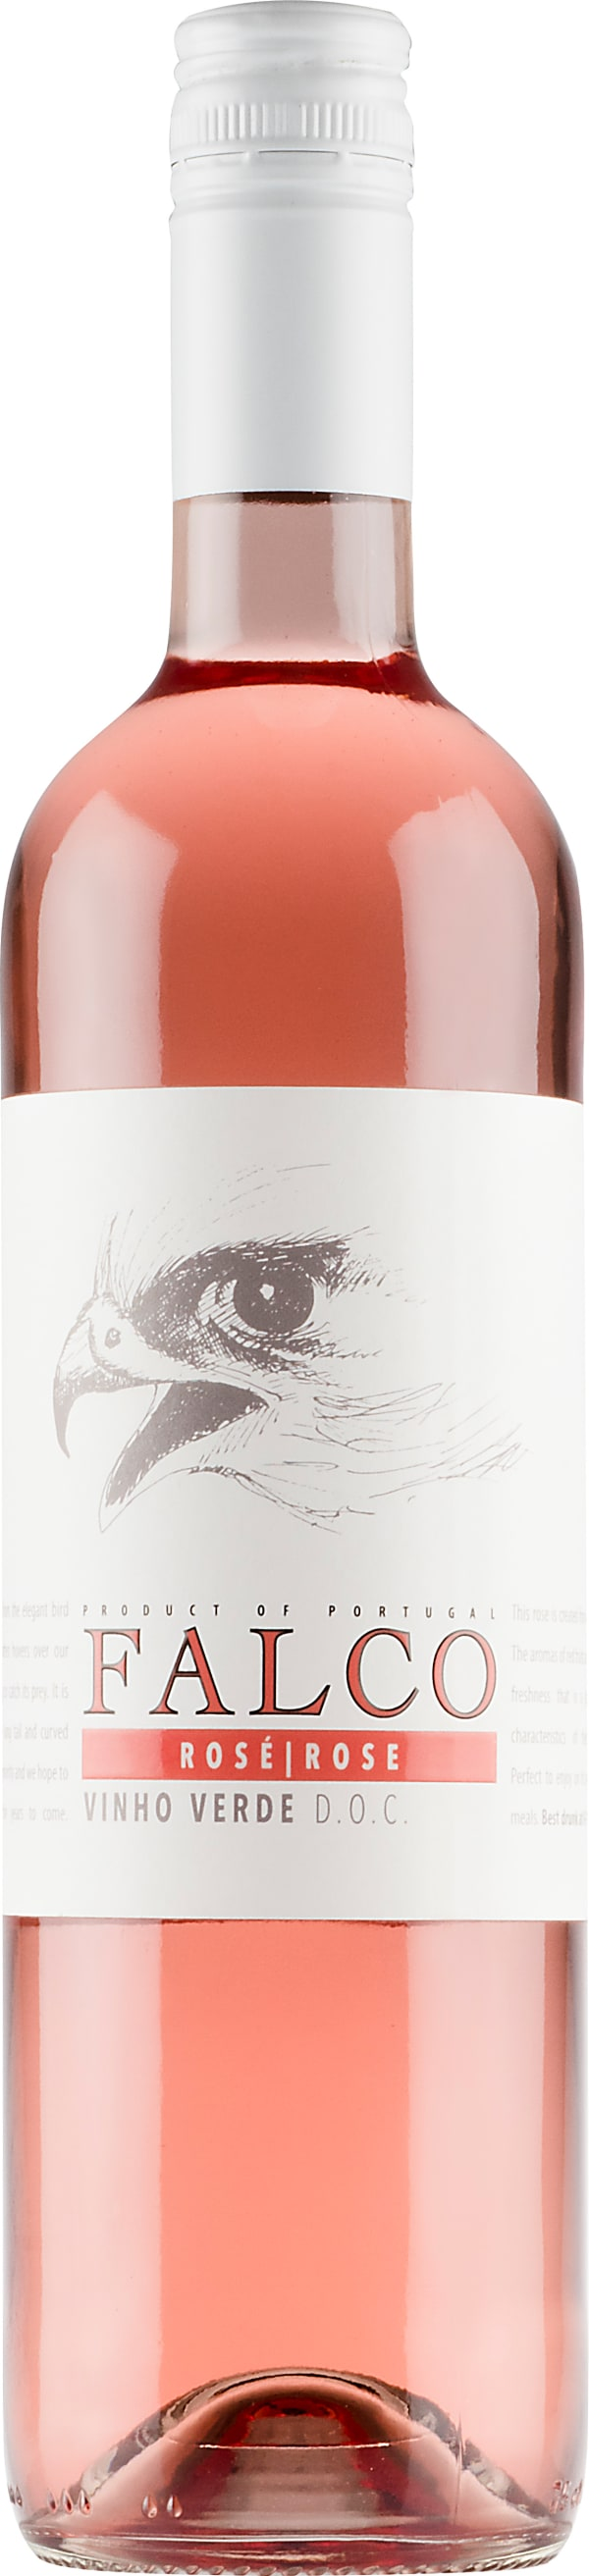 Falco Rosé 2020